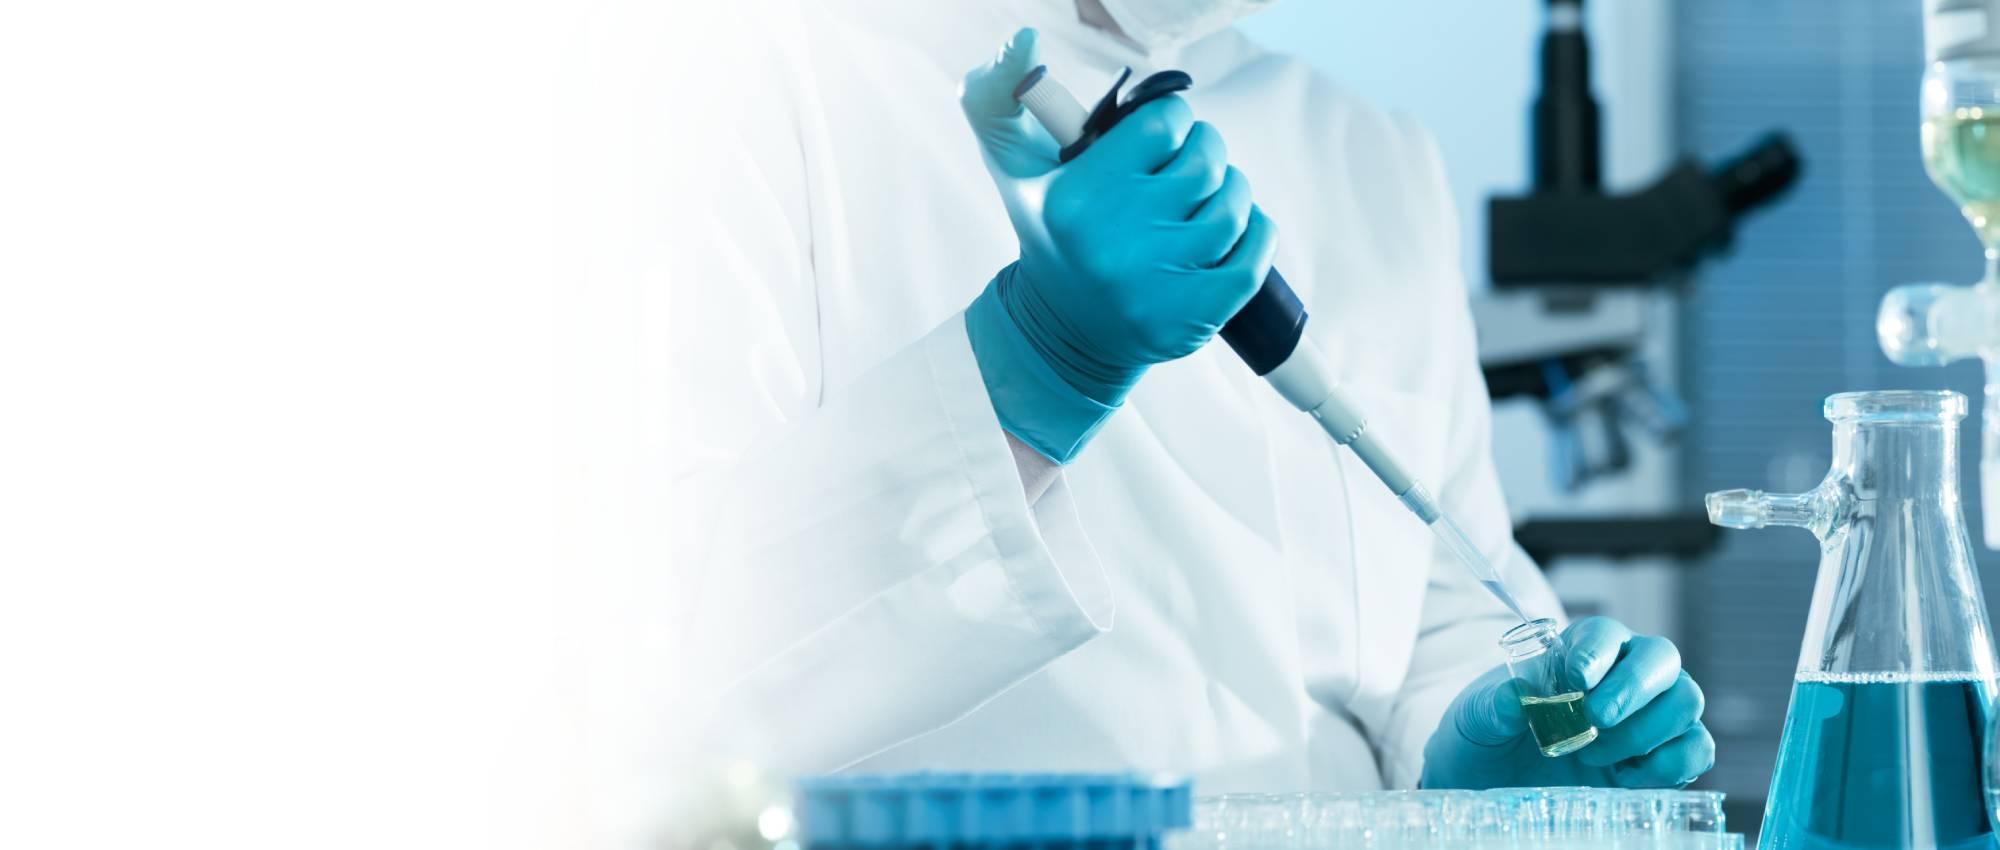 perrigo scientist in lab